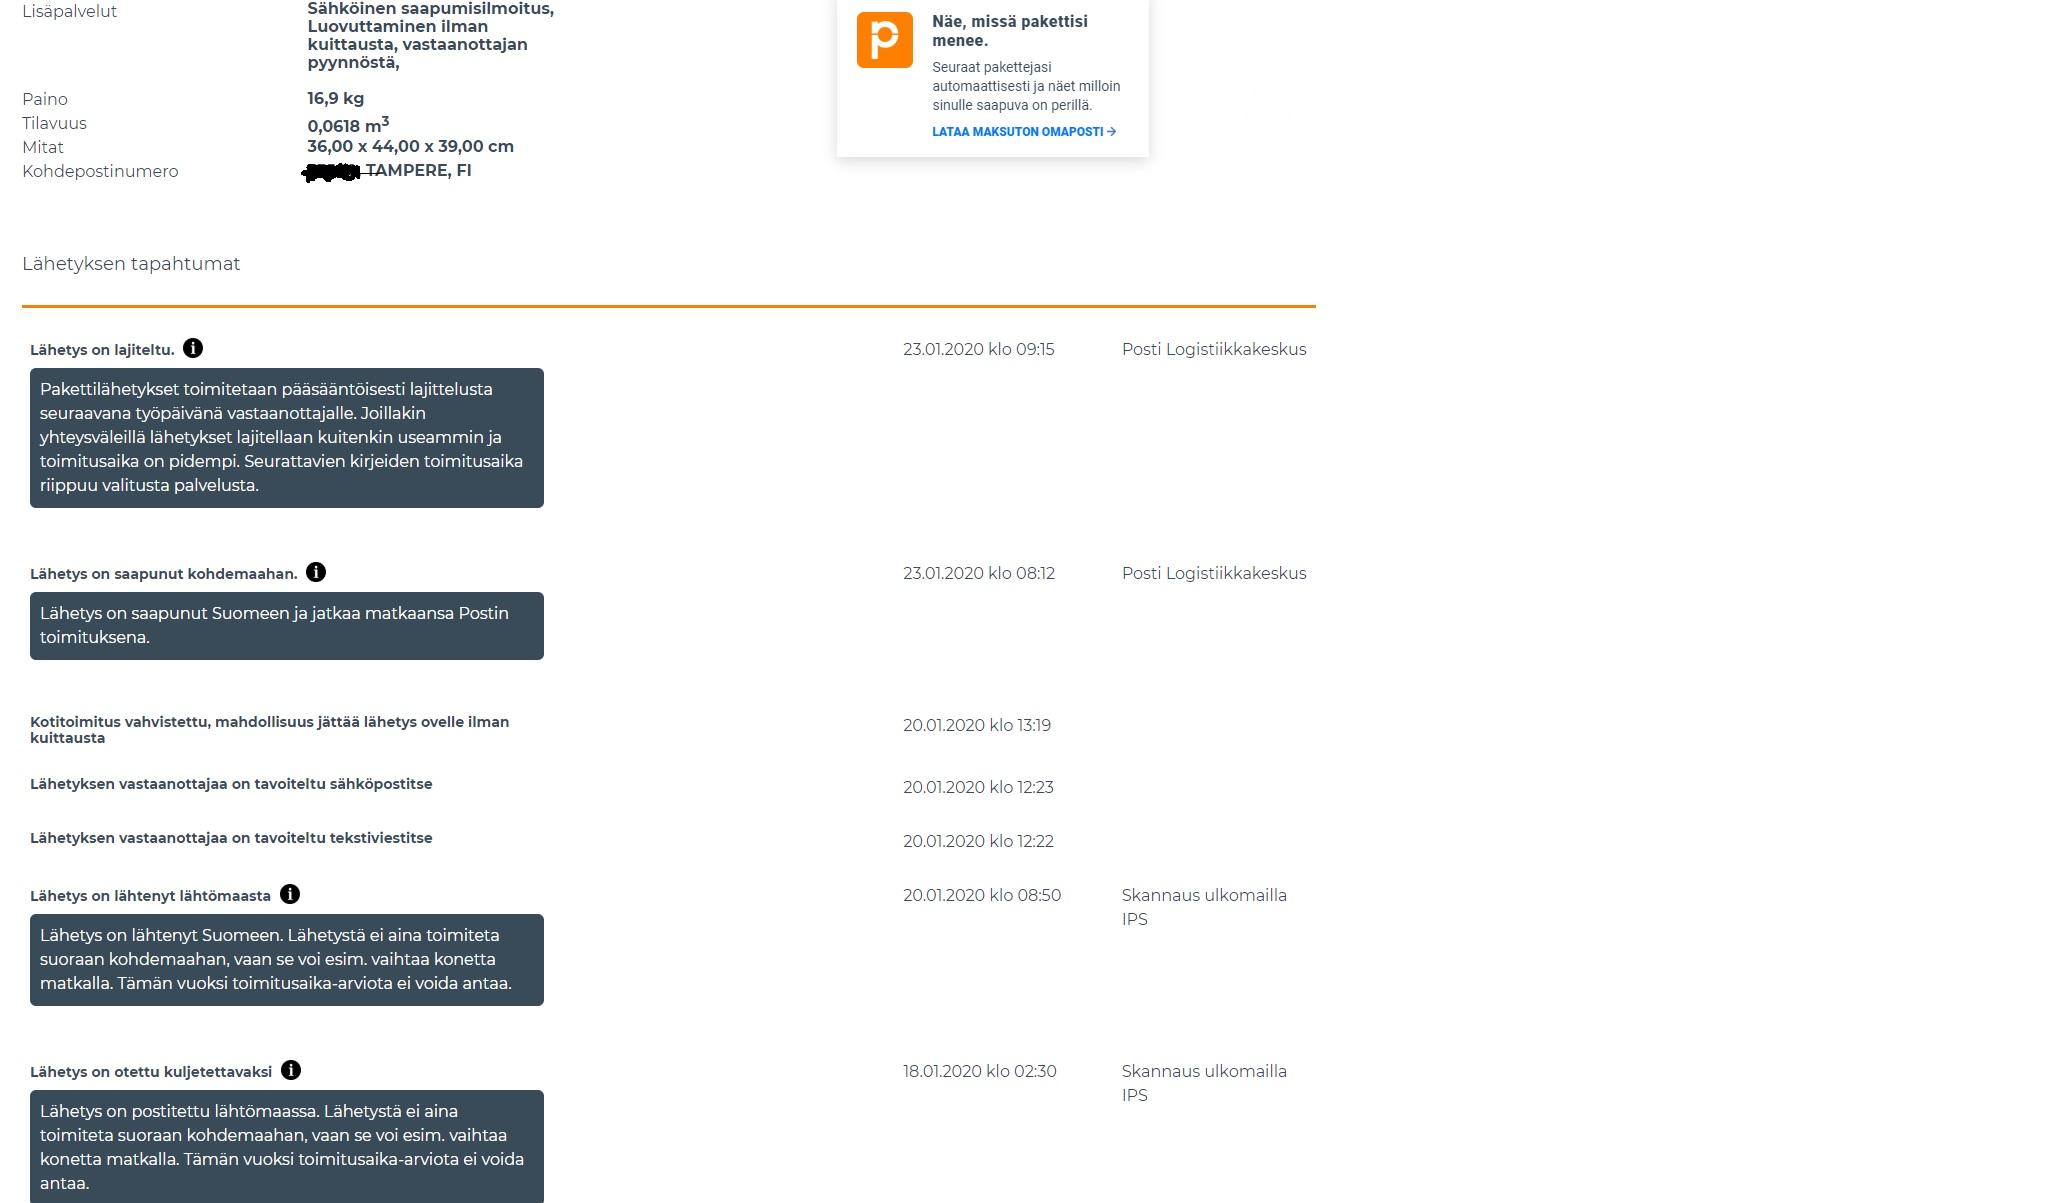 Alkostore24 tilaus tuli 6l tiukkaa 16l väkevää tölkkikamaa 88e postit 26e tilauksen eteneminen.jpg